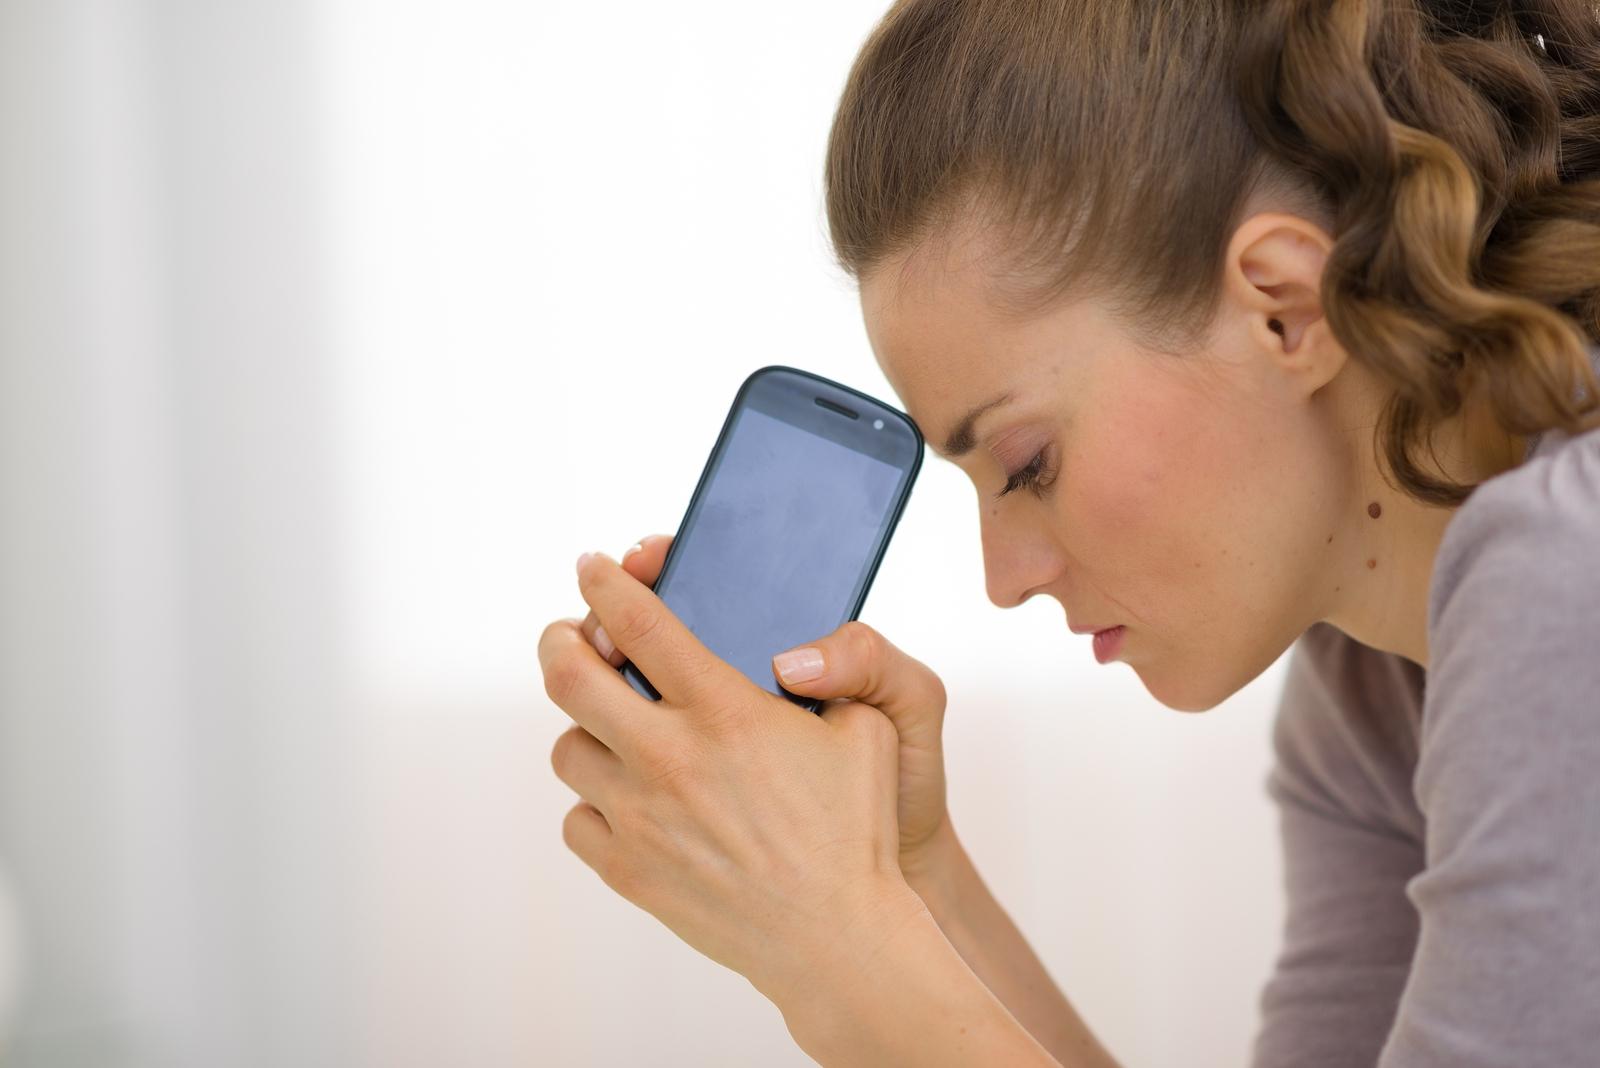 Мошенничество с сотовыми телефонами никогда вырастет